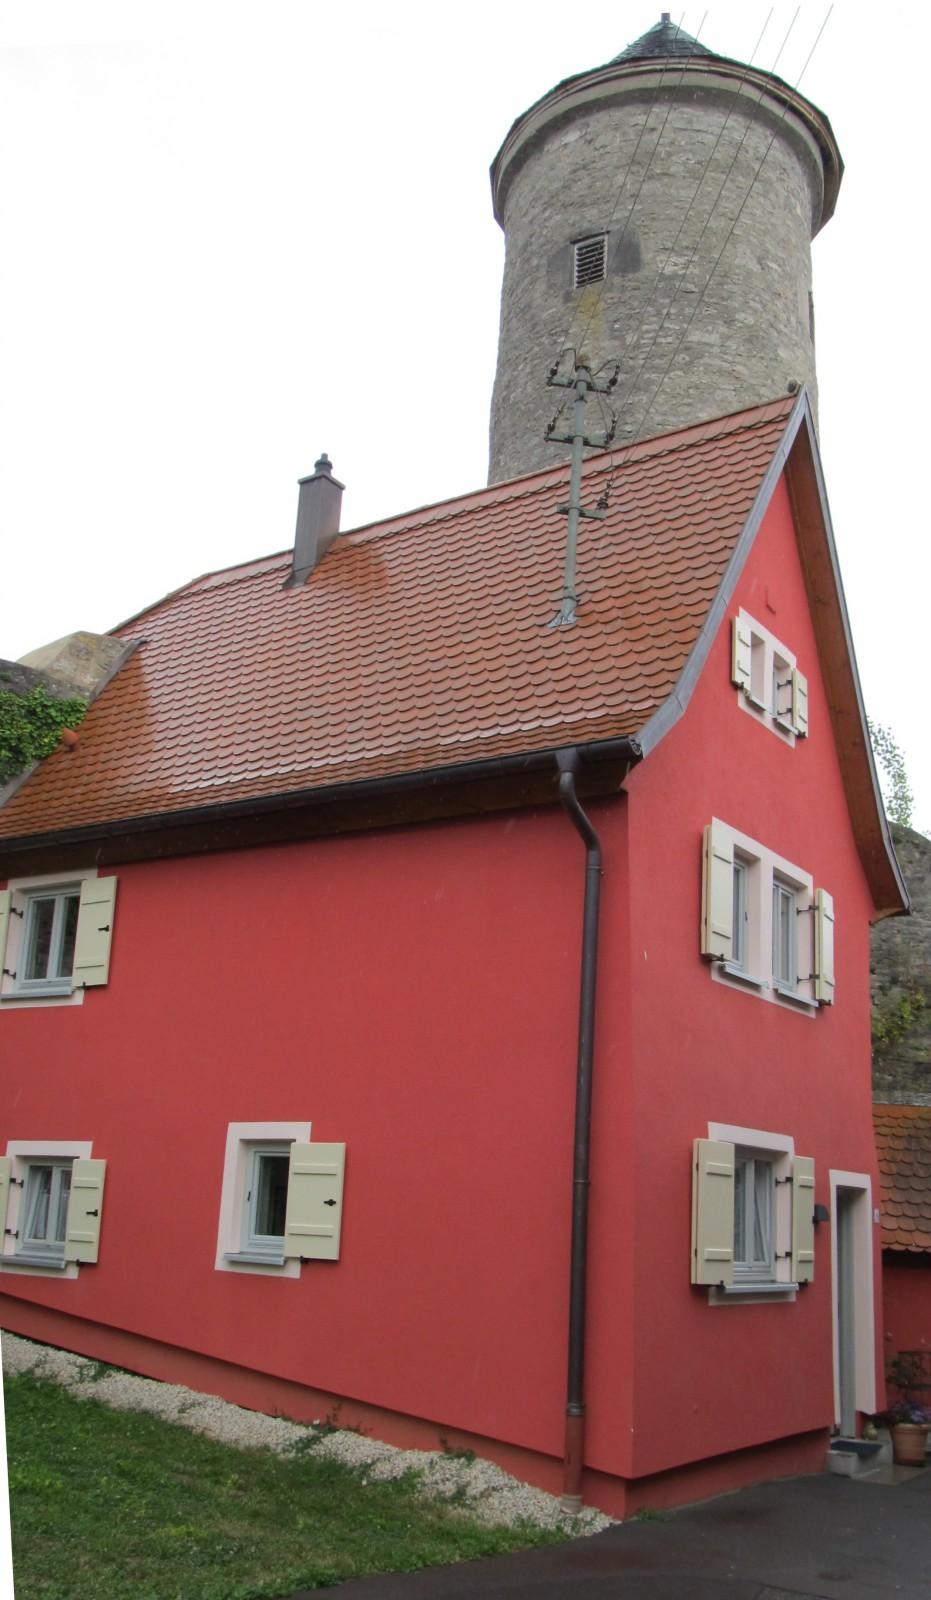 Erbsengasse: Schneckenturm und Haus mit Fensterläden